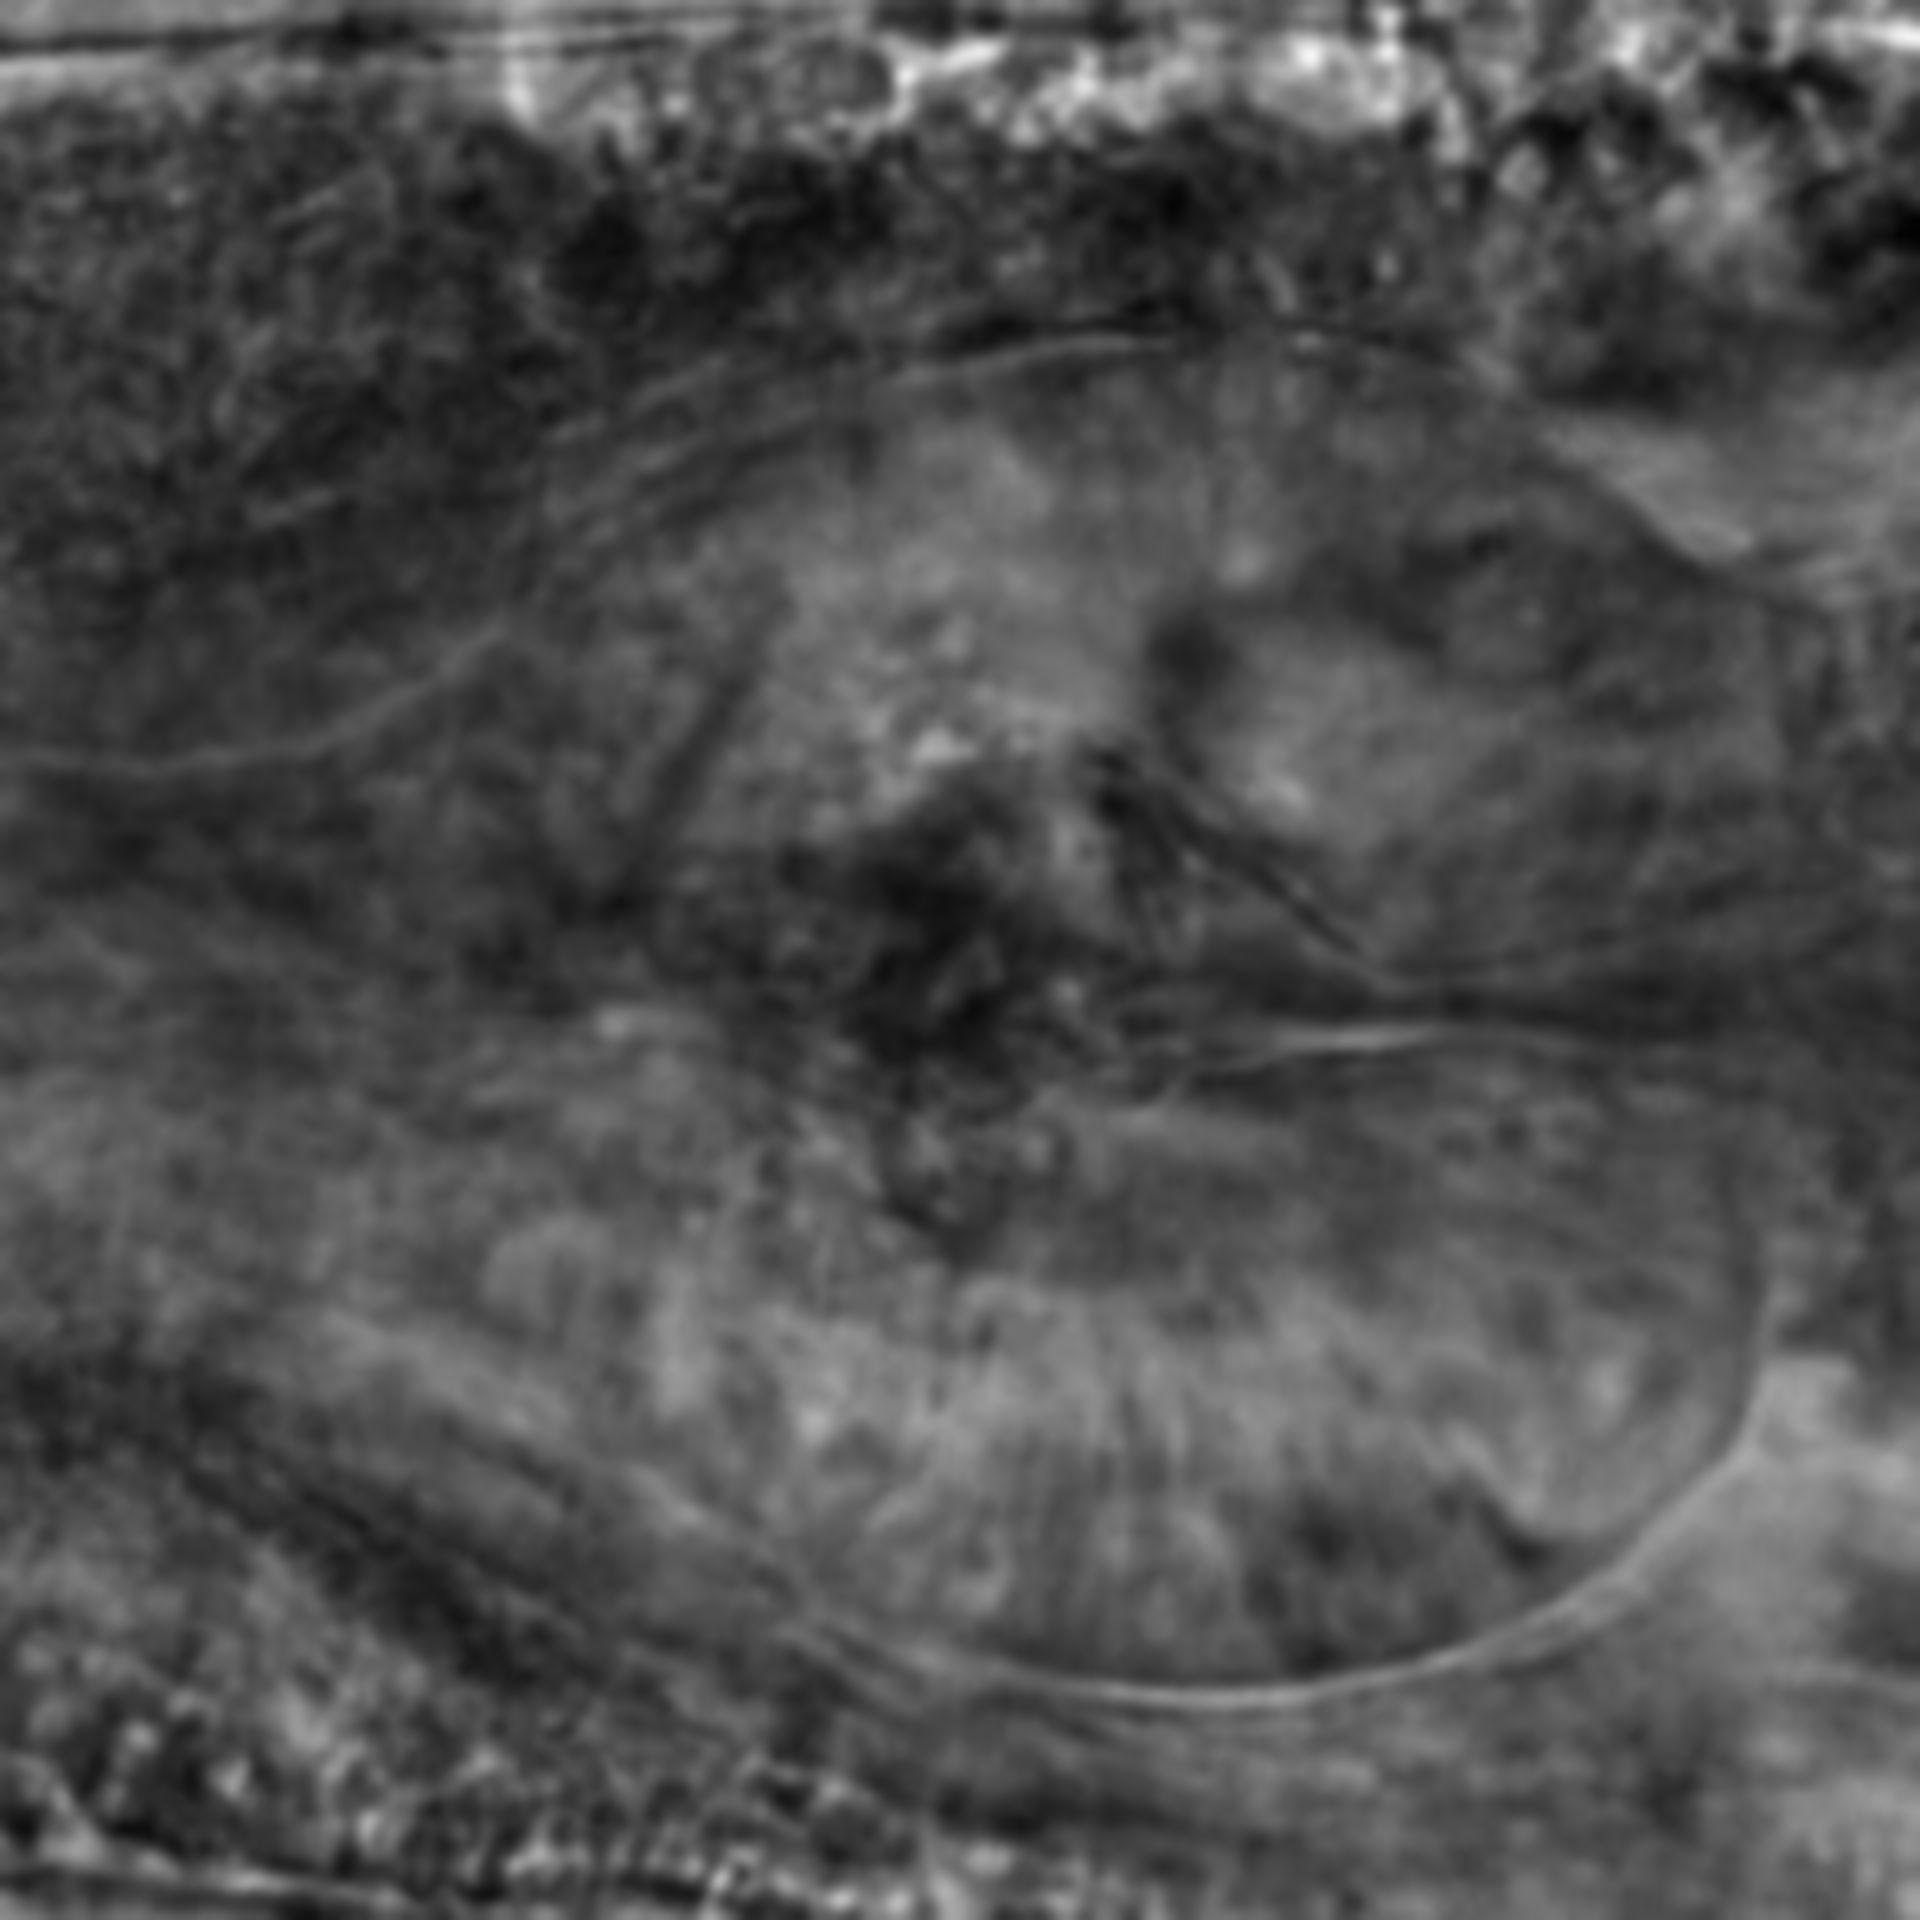 Caenorhabditis elegans - CIL:2813